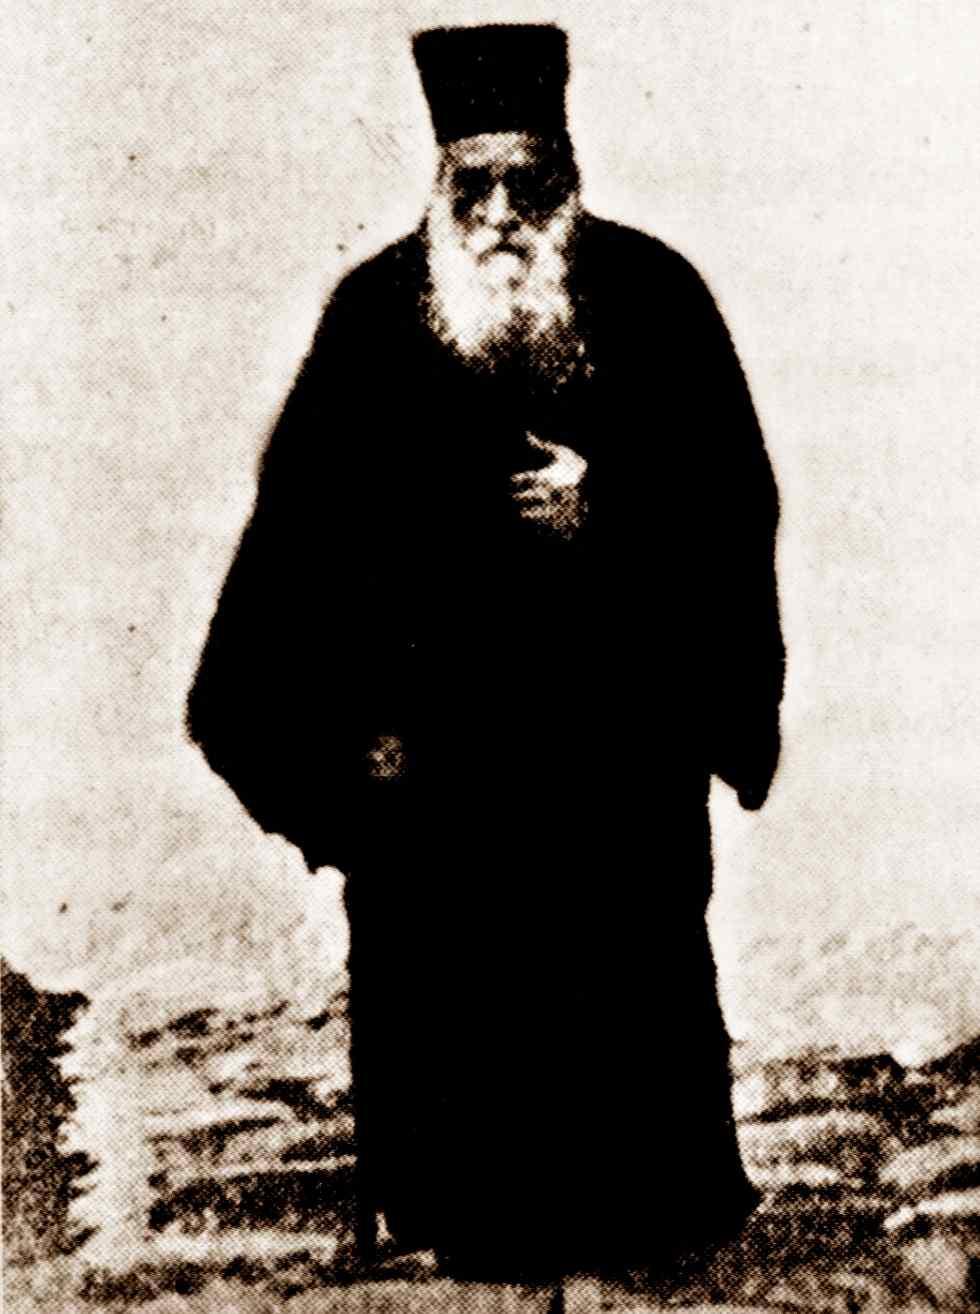 Ιερομόναχος Χριστόφορος Προδρομίτης, είχε φήμη εναρέτου και λογίου Γέροντας